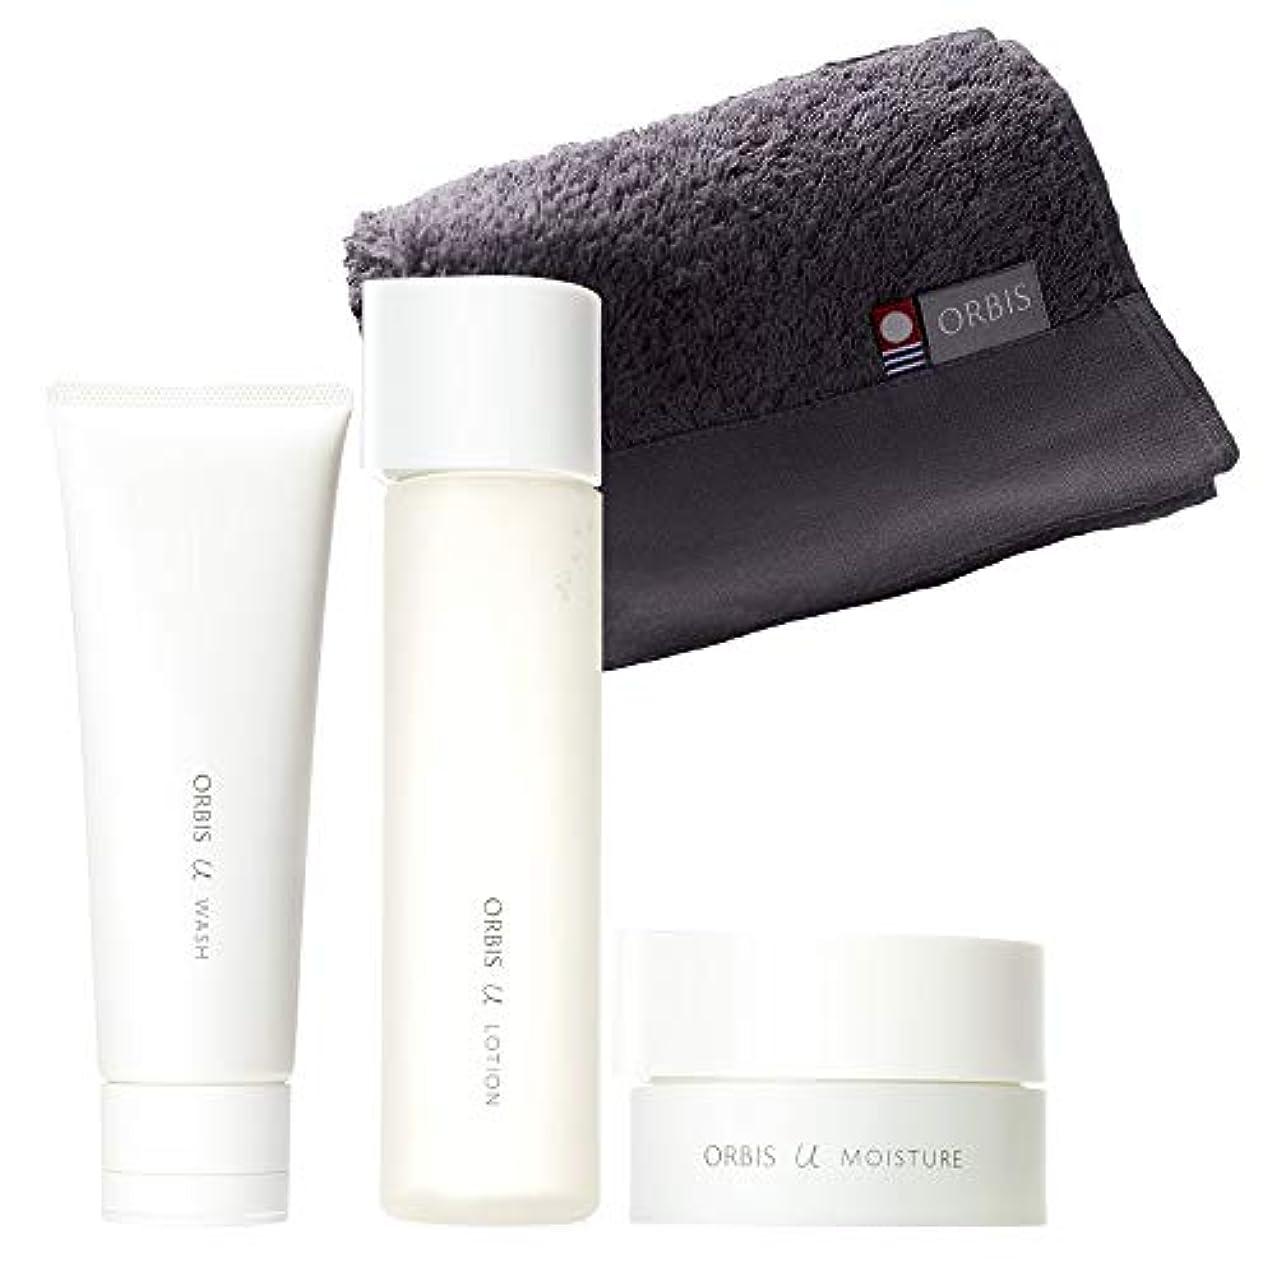 脈拍ファントム隣接するオルビス(ORBIS) オルビスユー 3ステップセット タオル付(洗顔料+化粧水+保湿液)